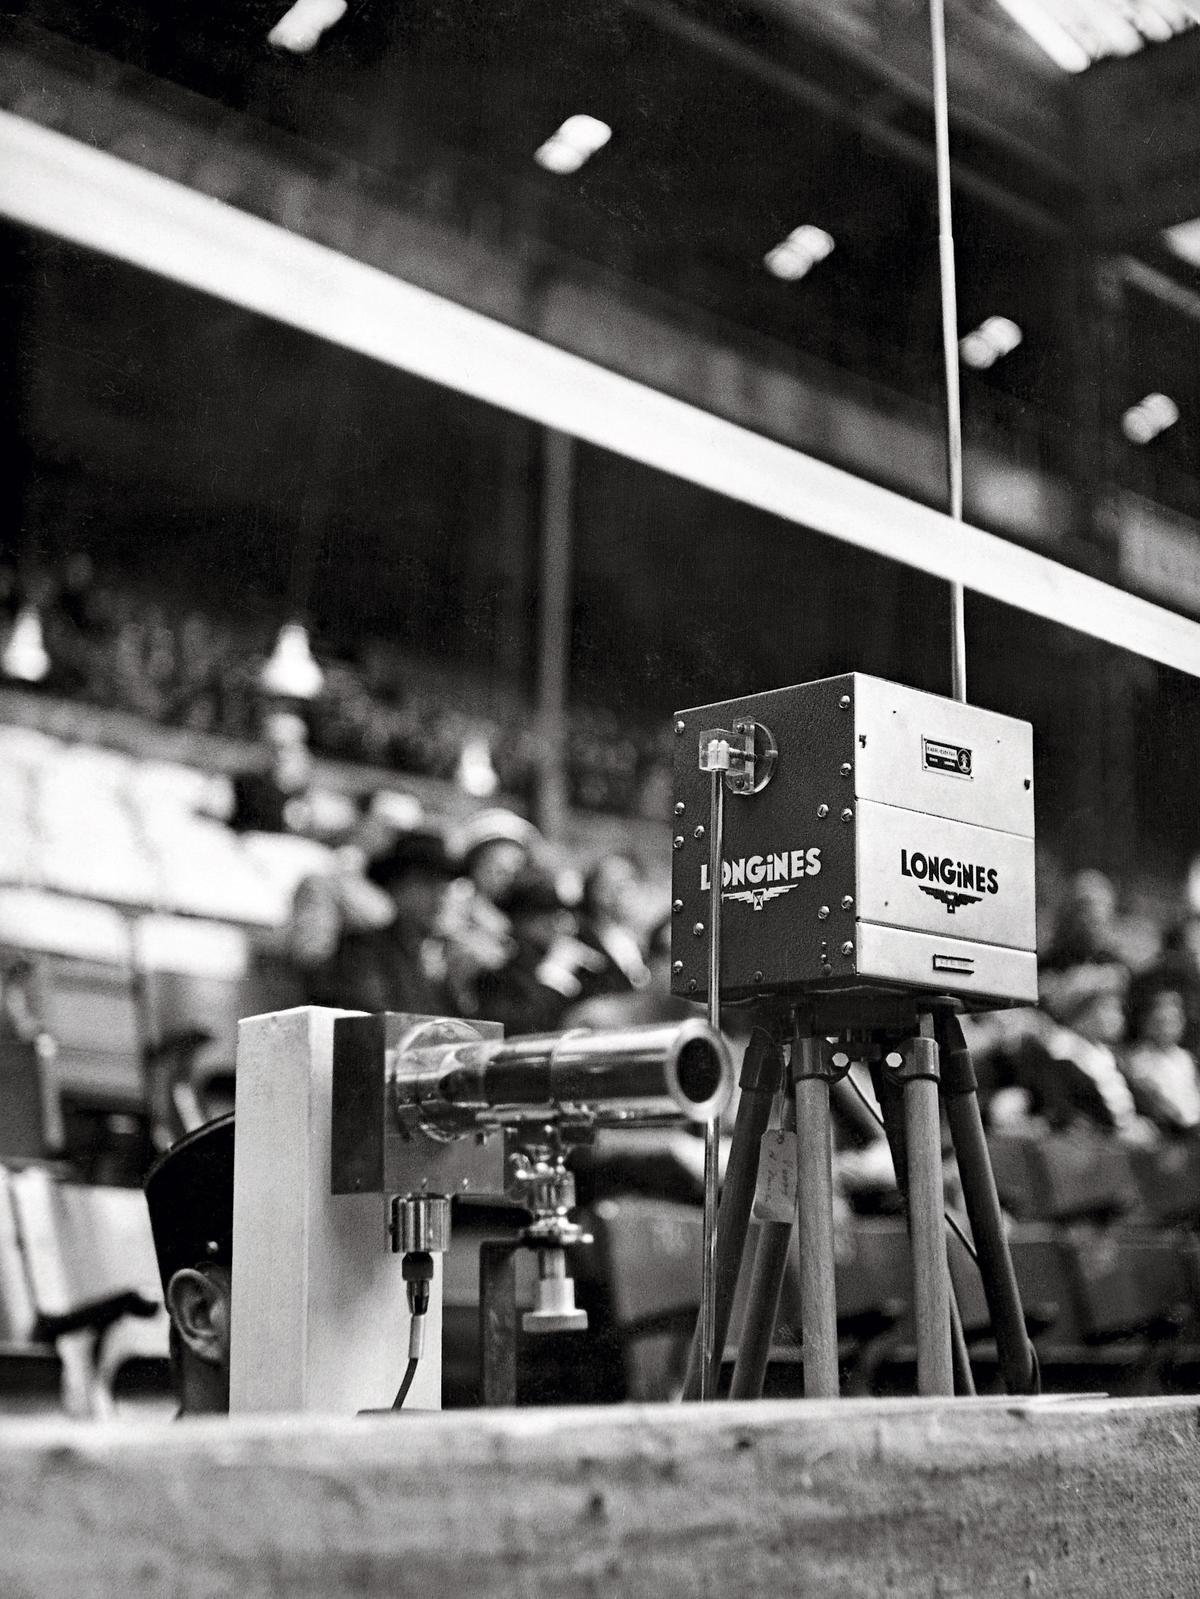 浪琴不僅是提供各大國際馬術賽事官方計時器,更應用了當時的最高科技為其規劃整套計時裁判系統。圖為1949年巴黎國際馬術障礙賽的浪琴表計時裝置。